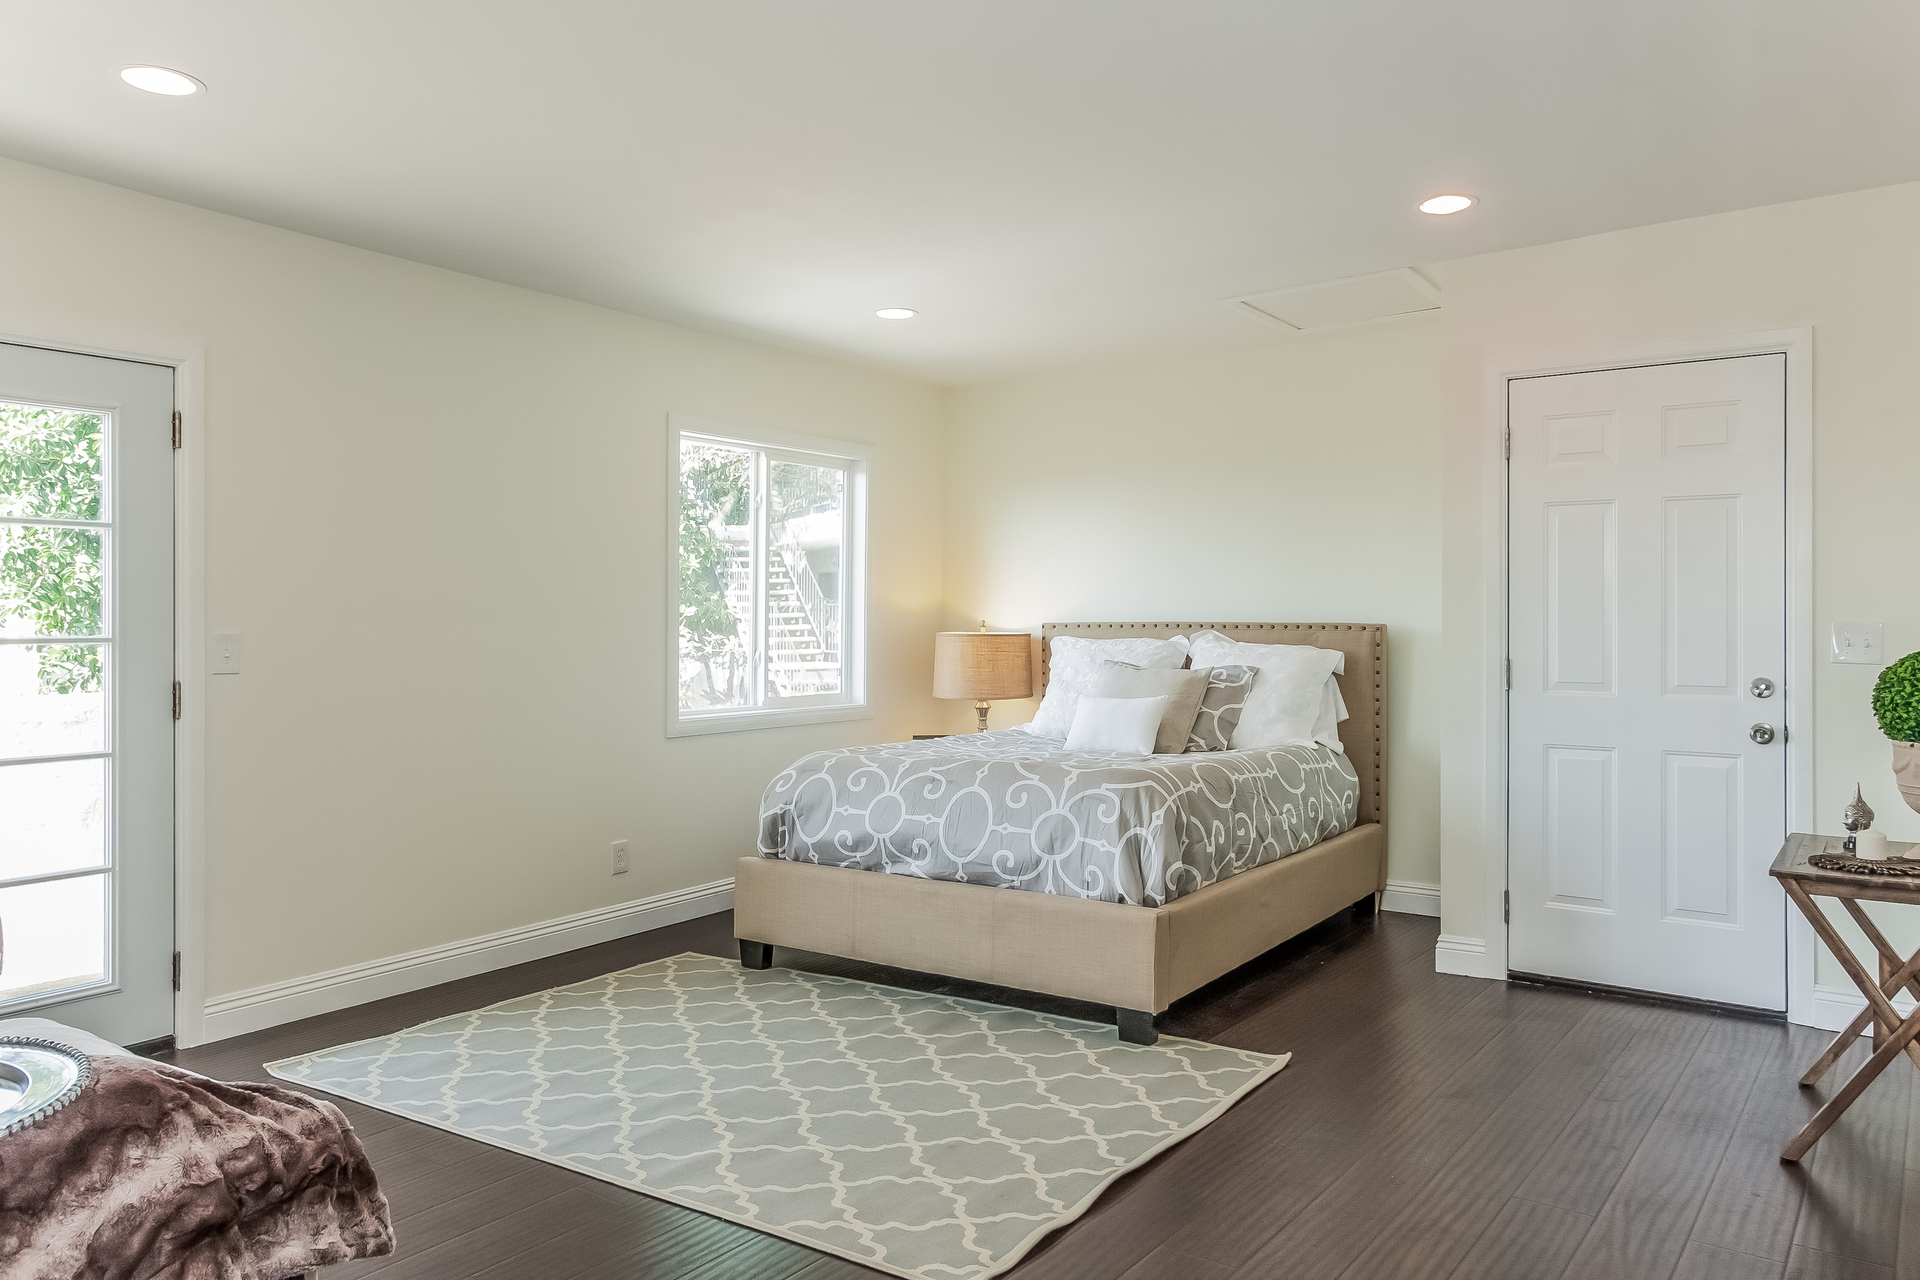 012-Master_Bedroom-2167895-medium.jpg